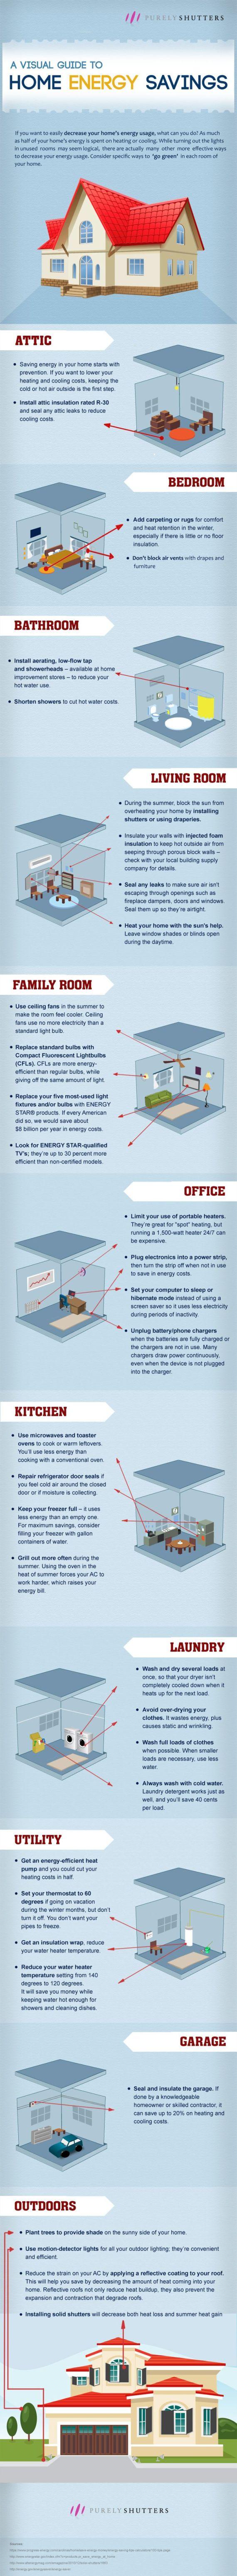 visual guide to home energy savings